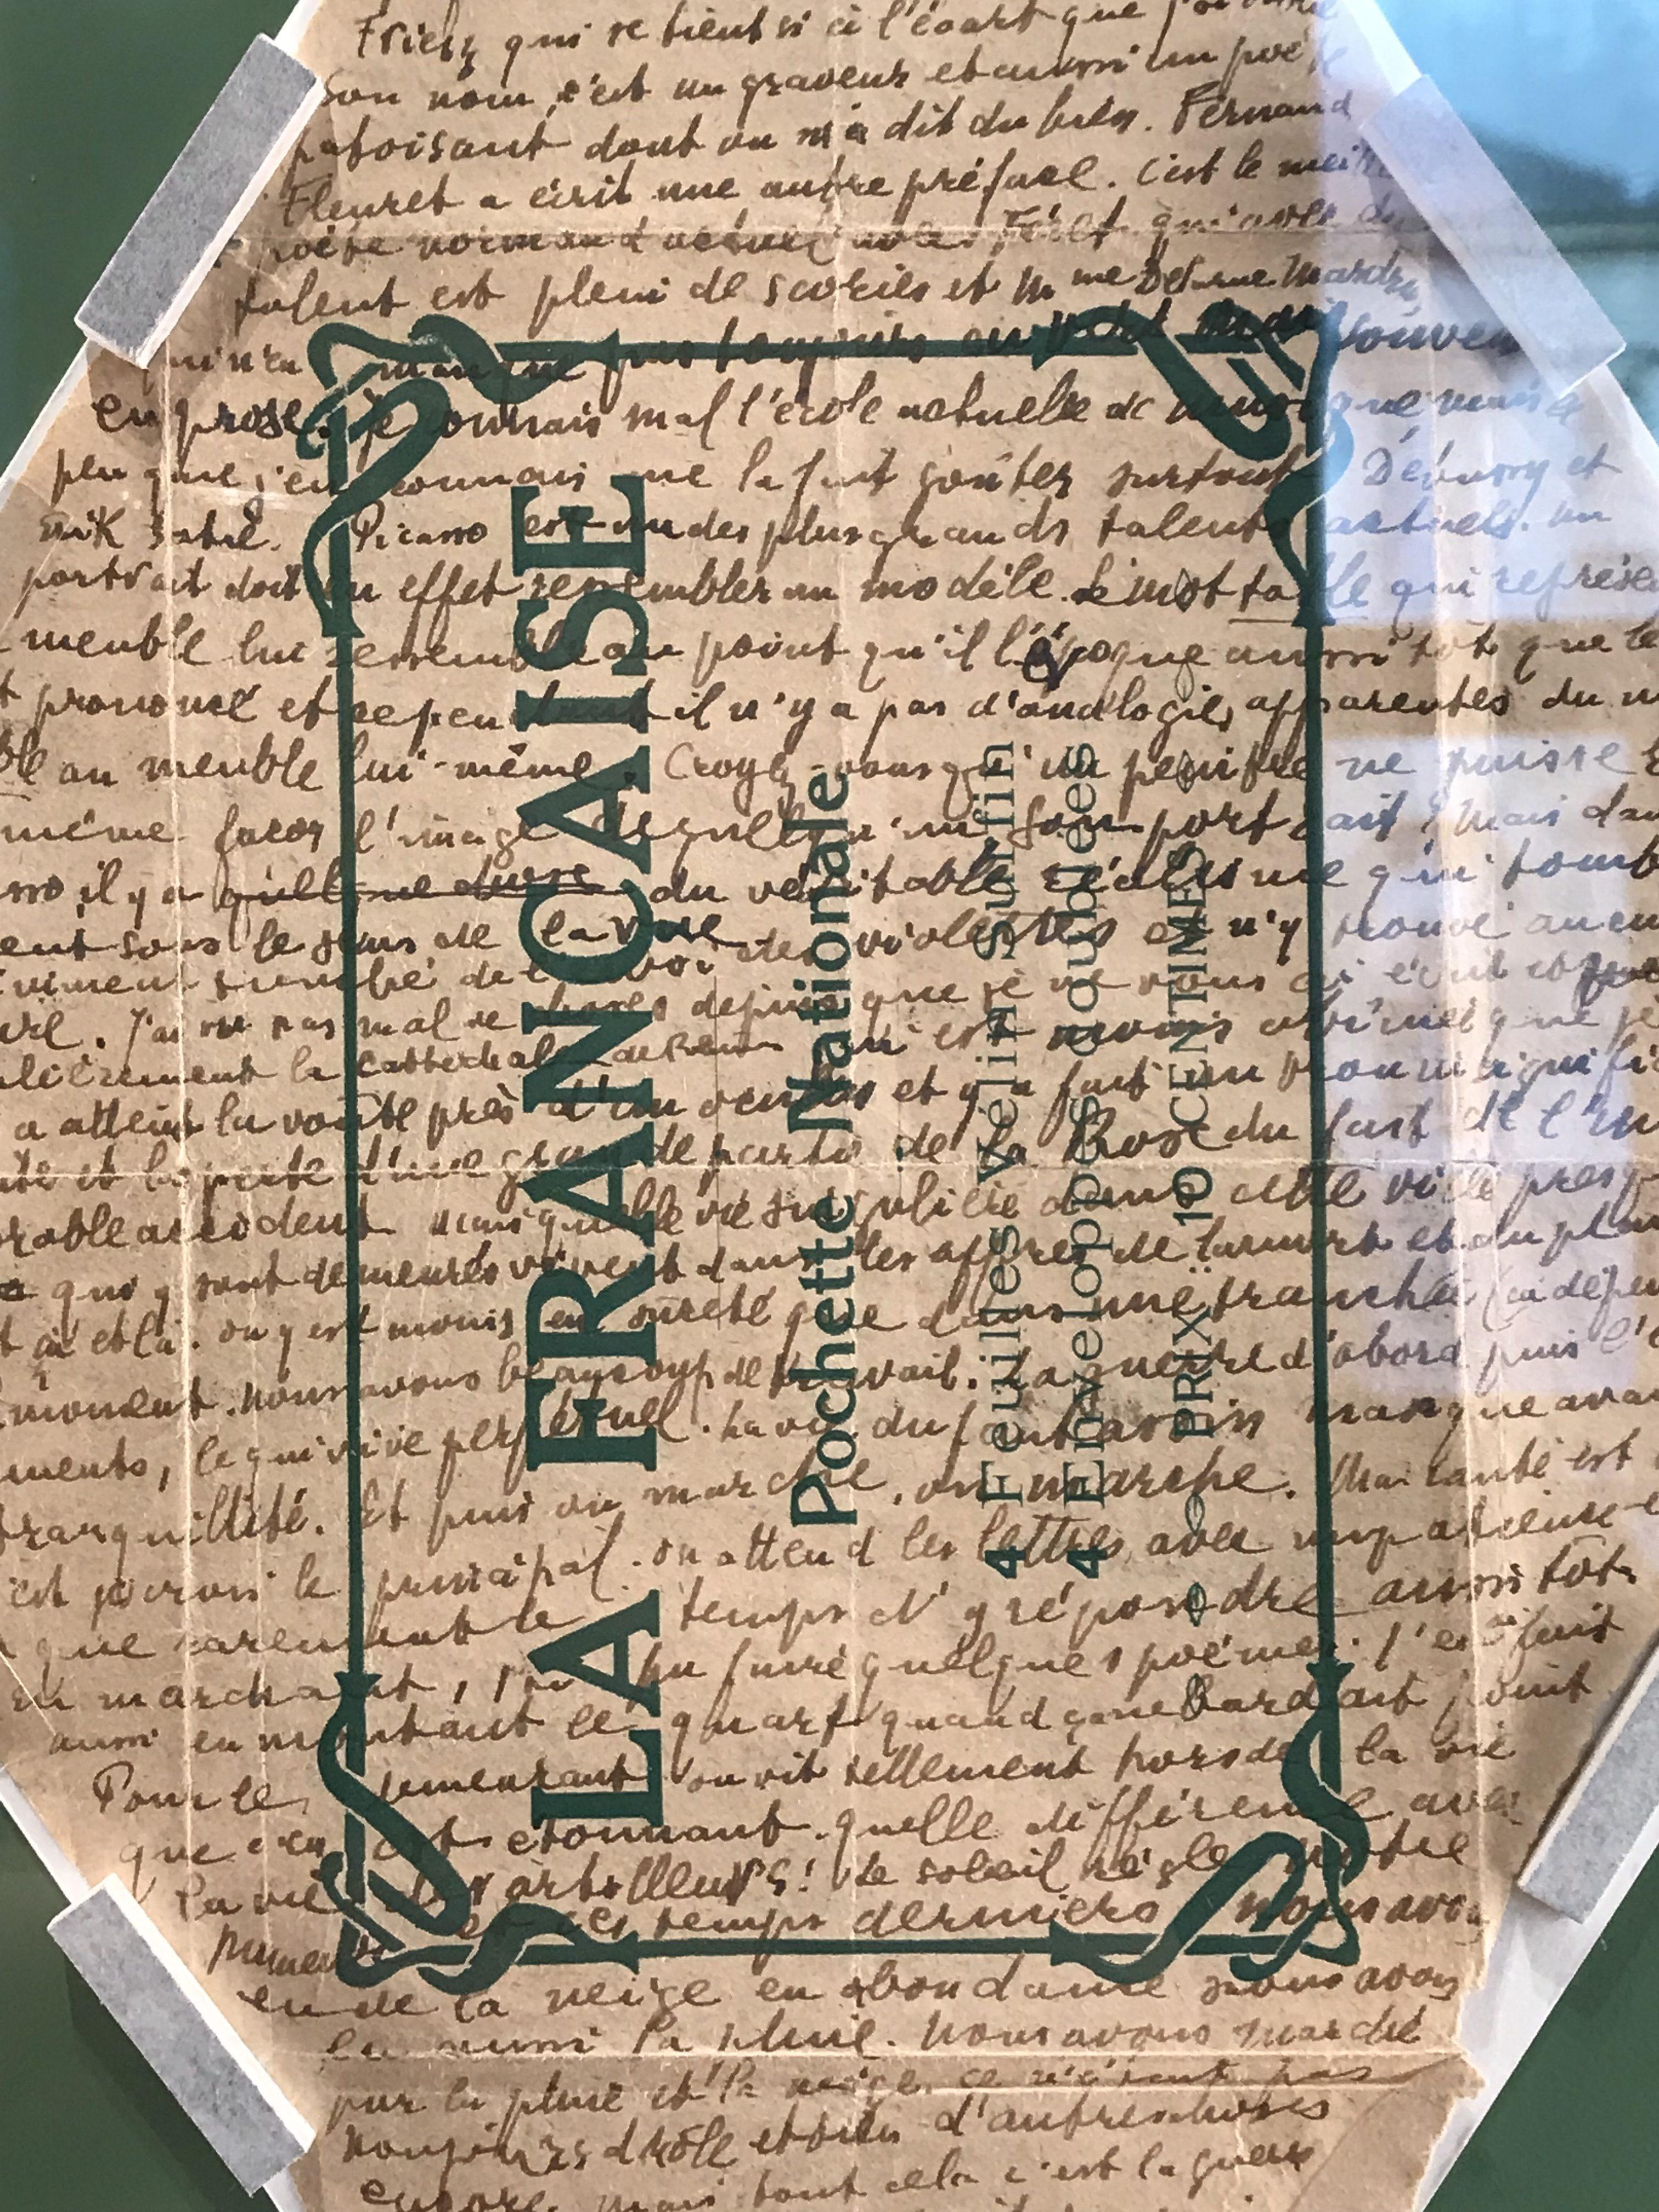 Guillaume Apollinaire, lettre autographe à Georgette Catelain, 12 mars 1915, écrite sur une pochette d'emballage de papiers à lettre. © Passéisme.